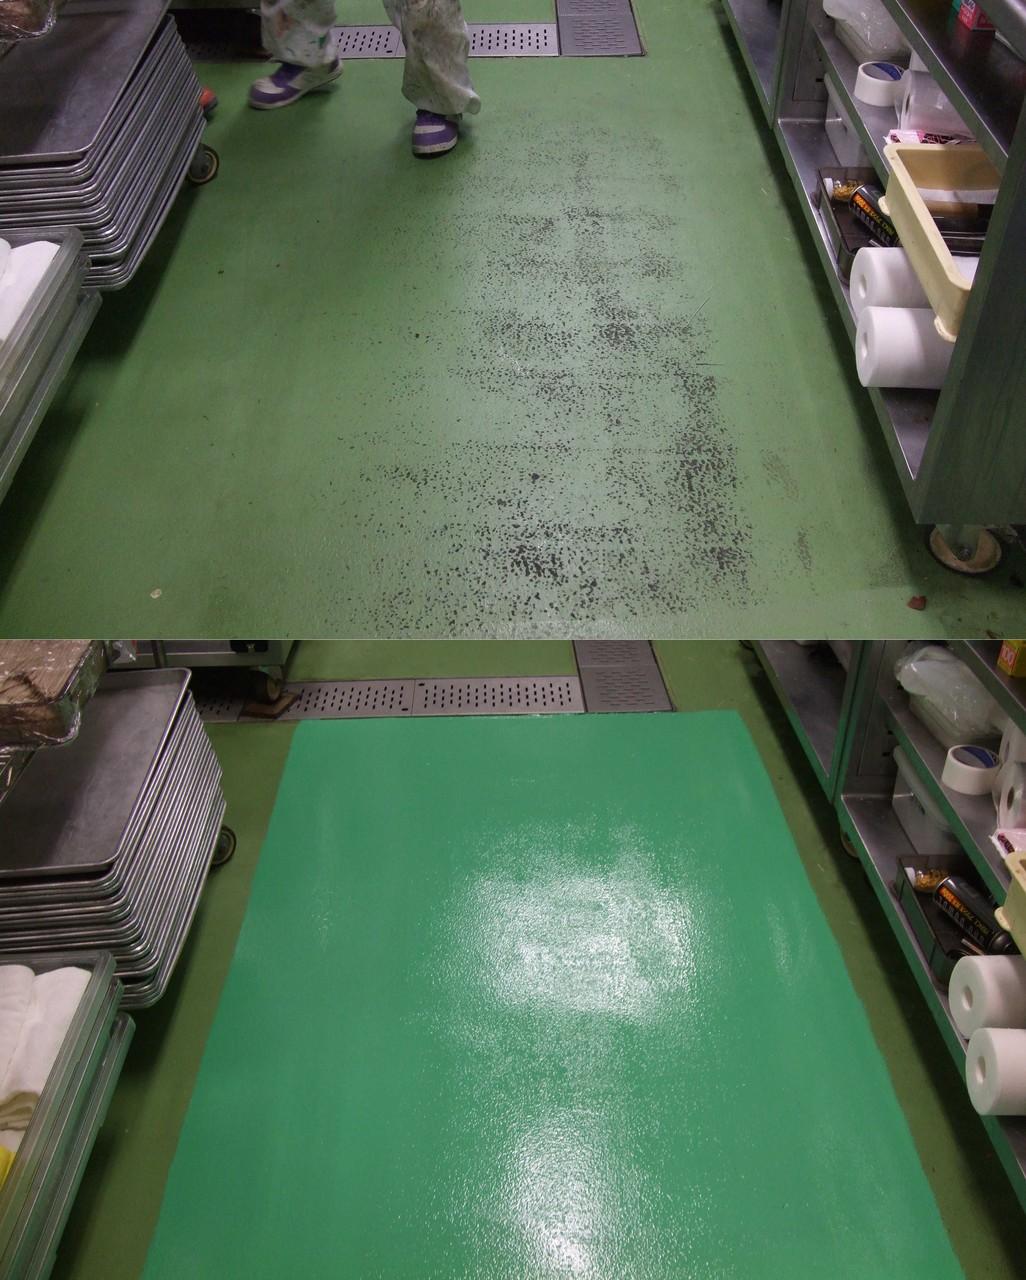 床改修 前・後(タフクリートMH)耐熱性と防滑性をあわせもち、厚生労働省指針13物質を含有しません。食の安全が求められる食品・飲料水工場に最適です